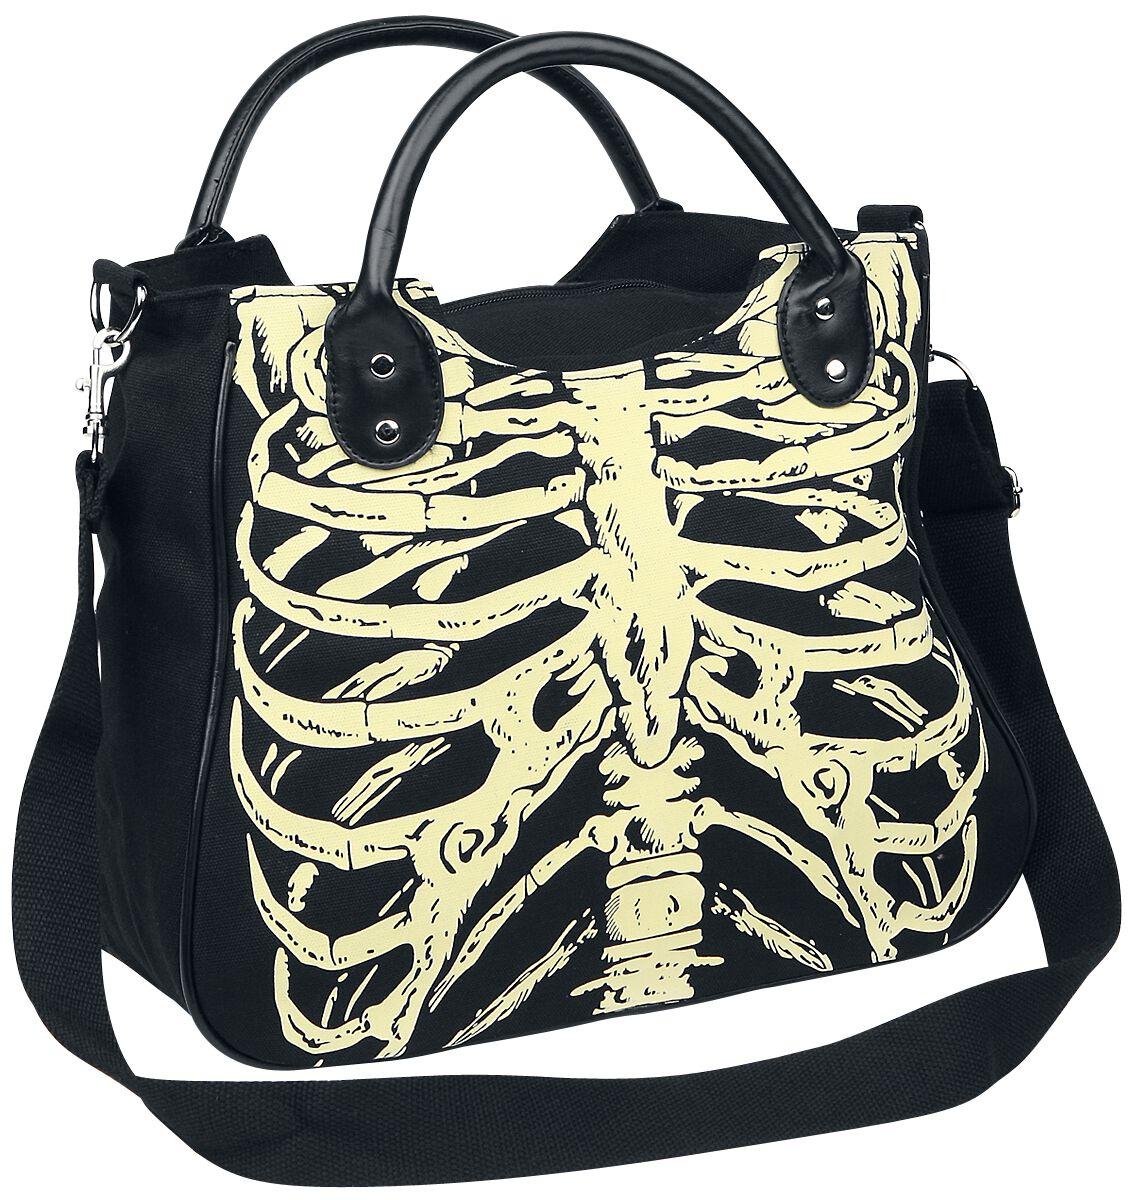 Osta Käsilaukku : Osta skeleton k?silaukku netist?